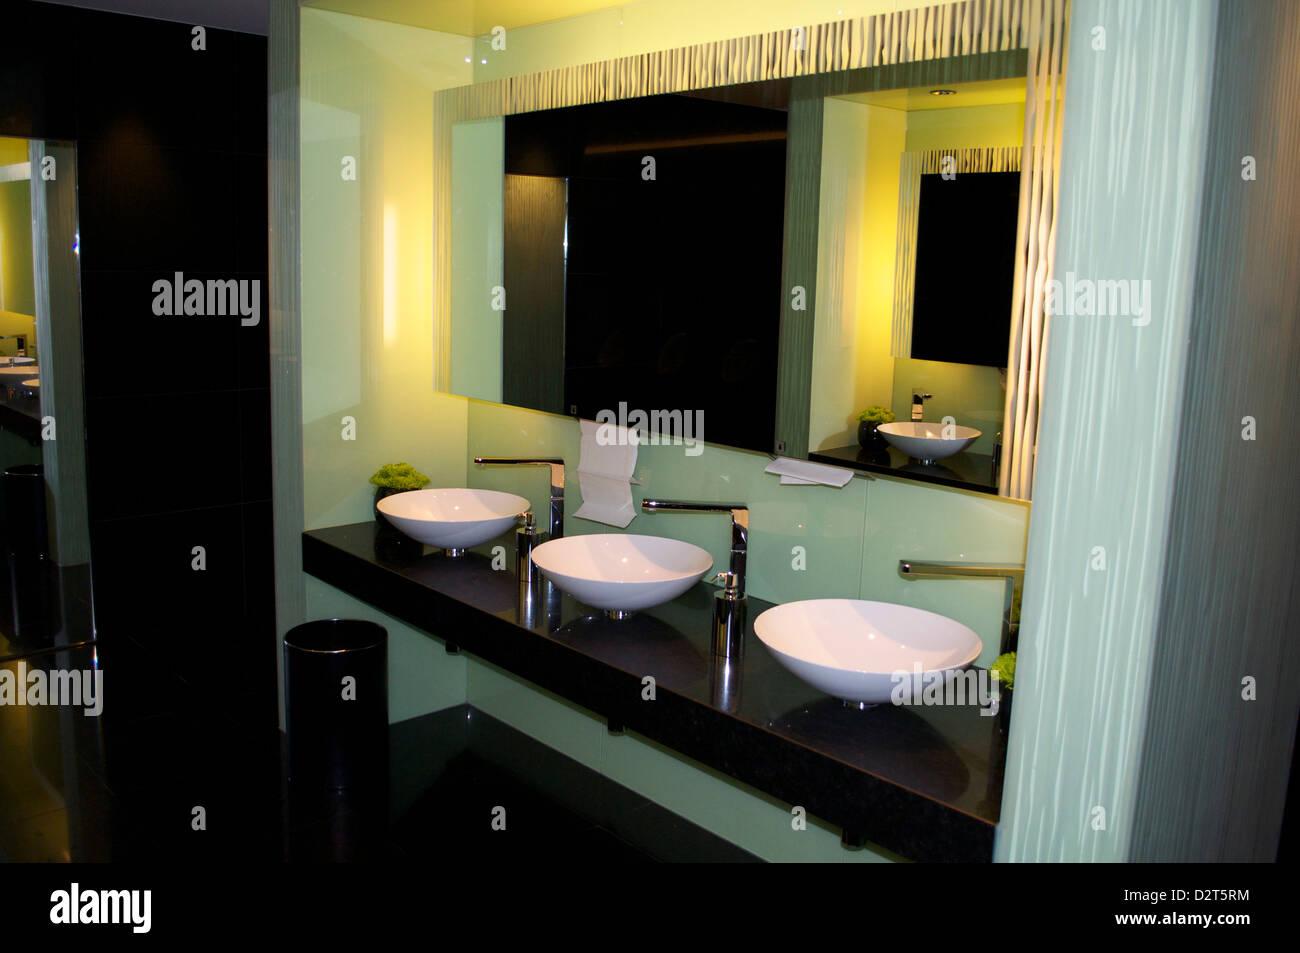 The Dolder Grand Hotel In Zurich Switzerland Interior Detail Of Stock Photo Alamy